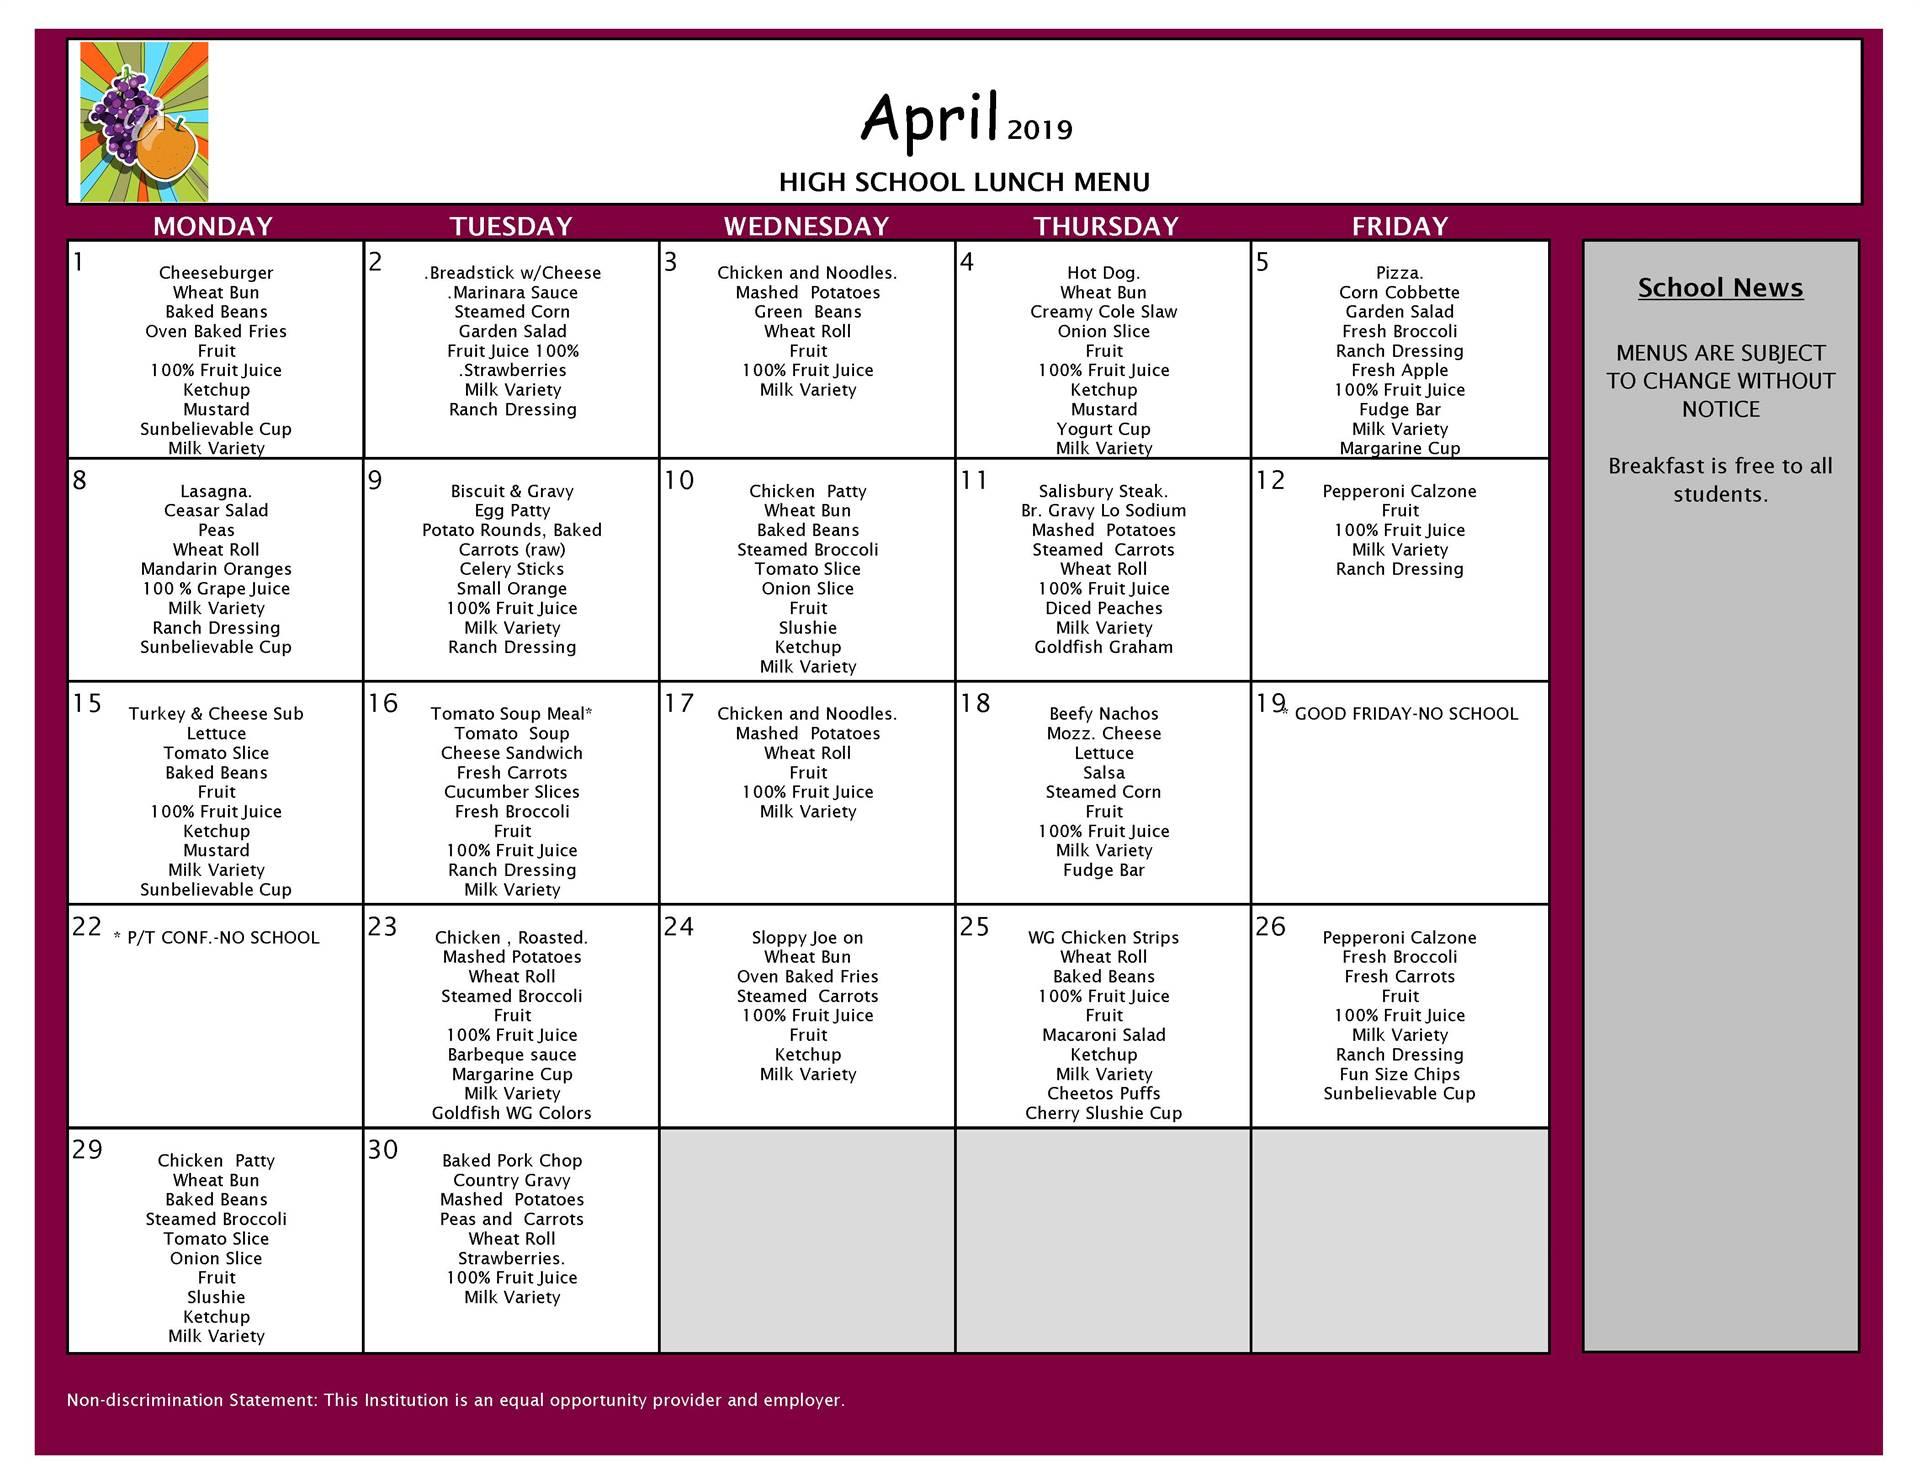 April Lunch Menu Grades 9-12